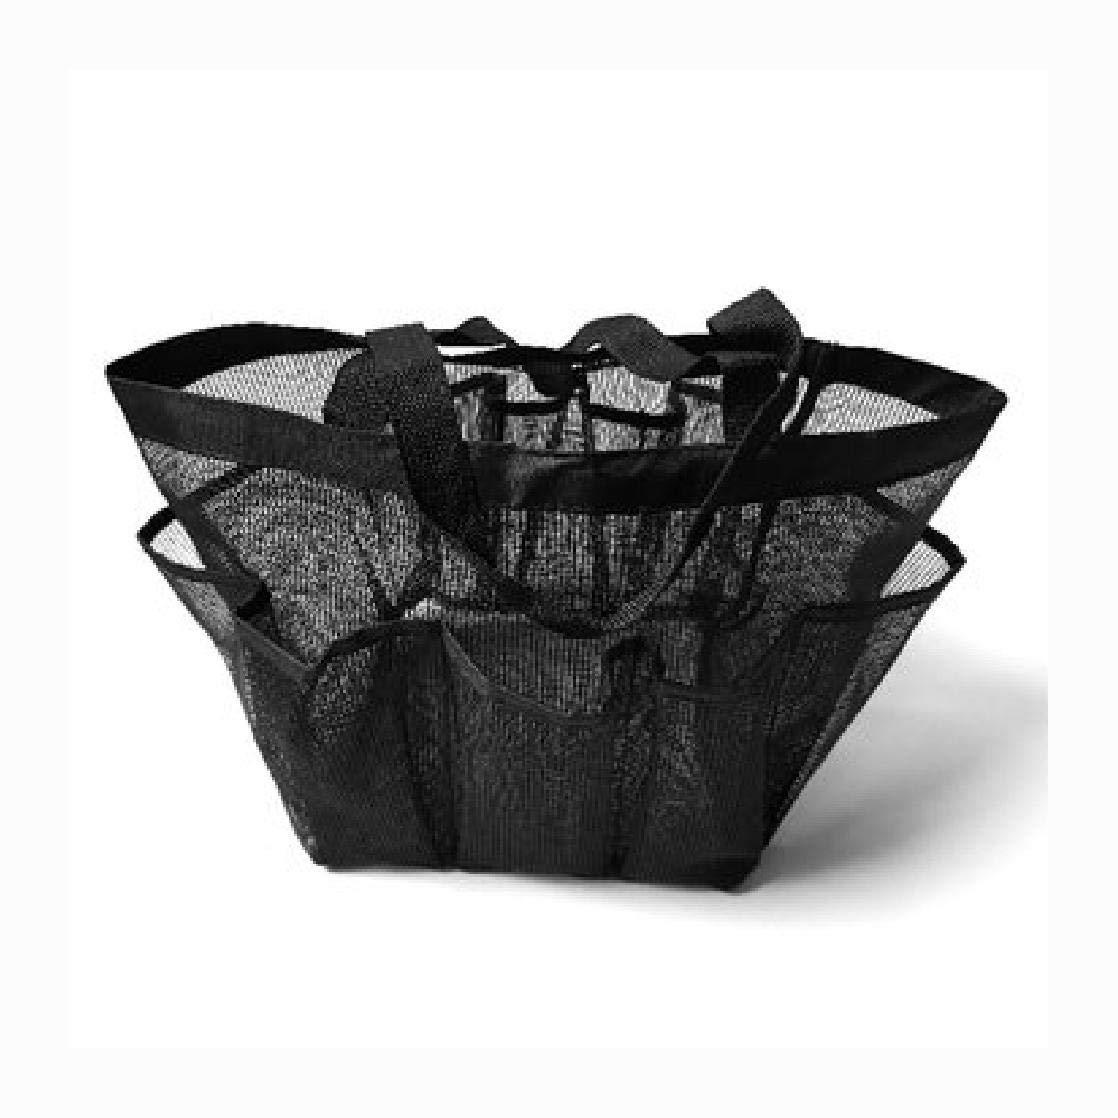 HEATAPPLY Travel Pouch Bag, Utendørs Reise Portable Mesh Beach Håndveske Tote Leker Storage Bag Pack Organizer Veske, Black by HEATAPPLY